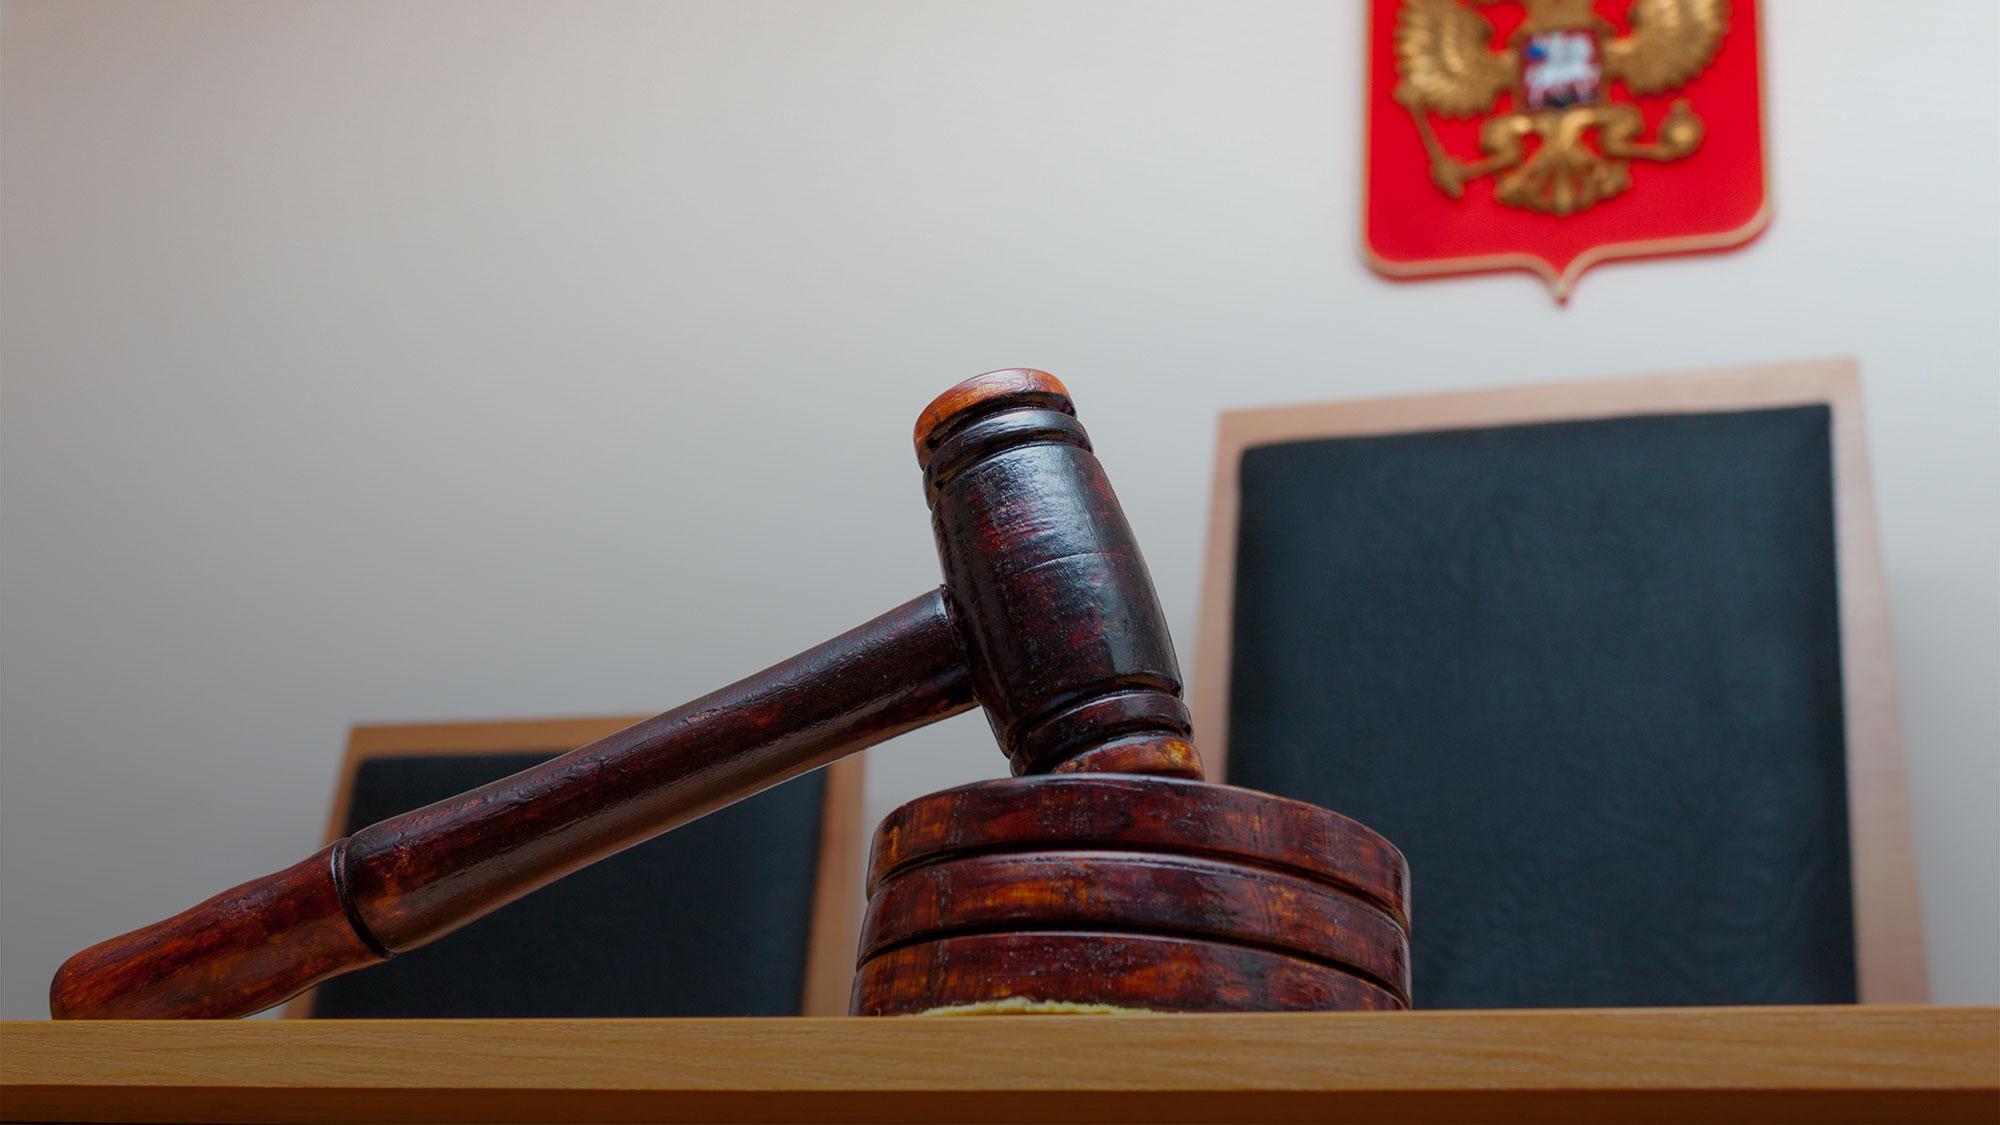 По ту сторону баррикад. В Оренбурге на экс-судью, сбившего человека, возбудили уголовное дело